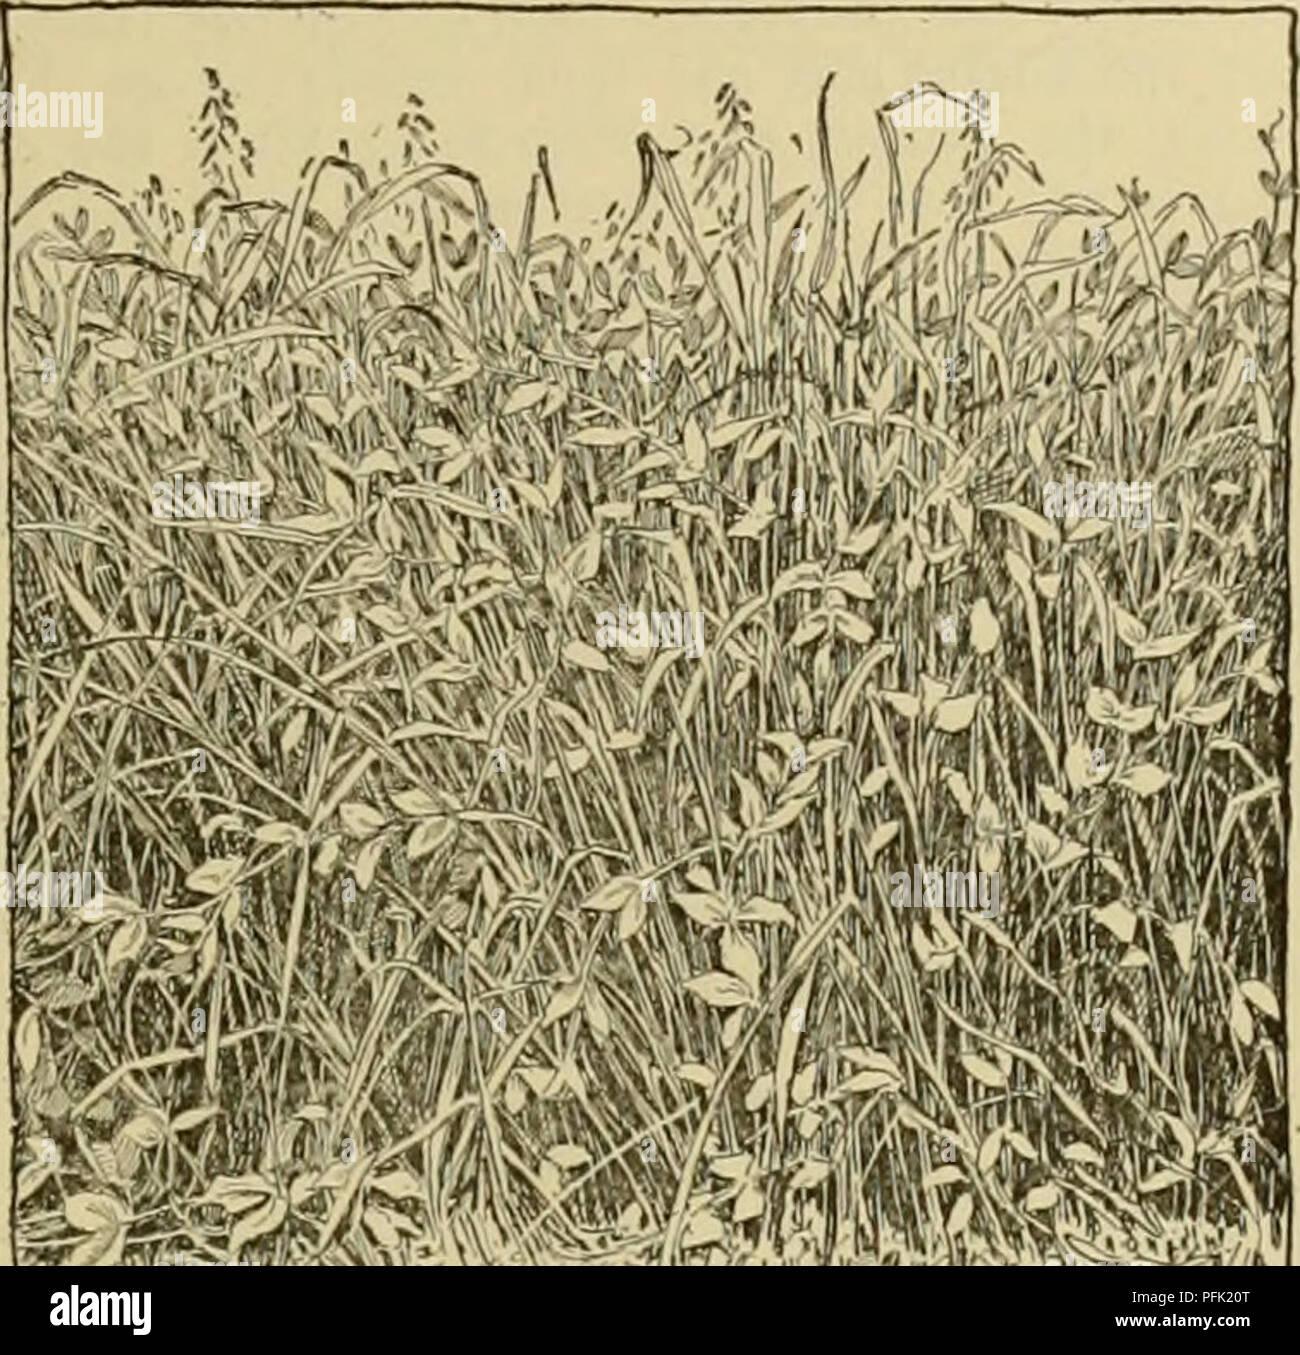 Cyclopedia Of Farm Crops Farm Produce Agriculture Pea Pea 511